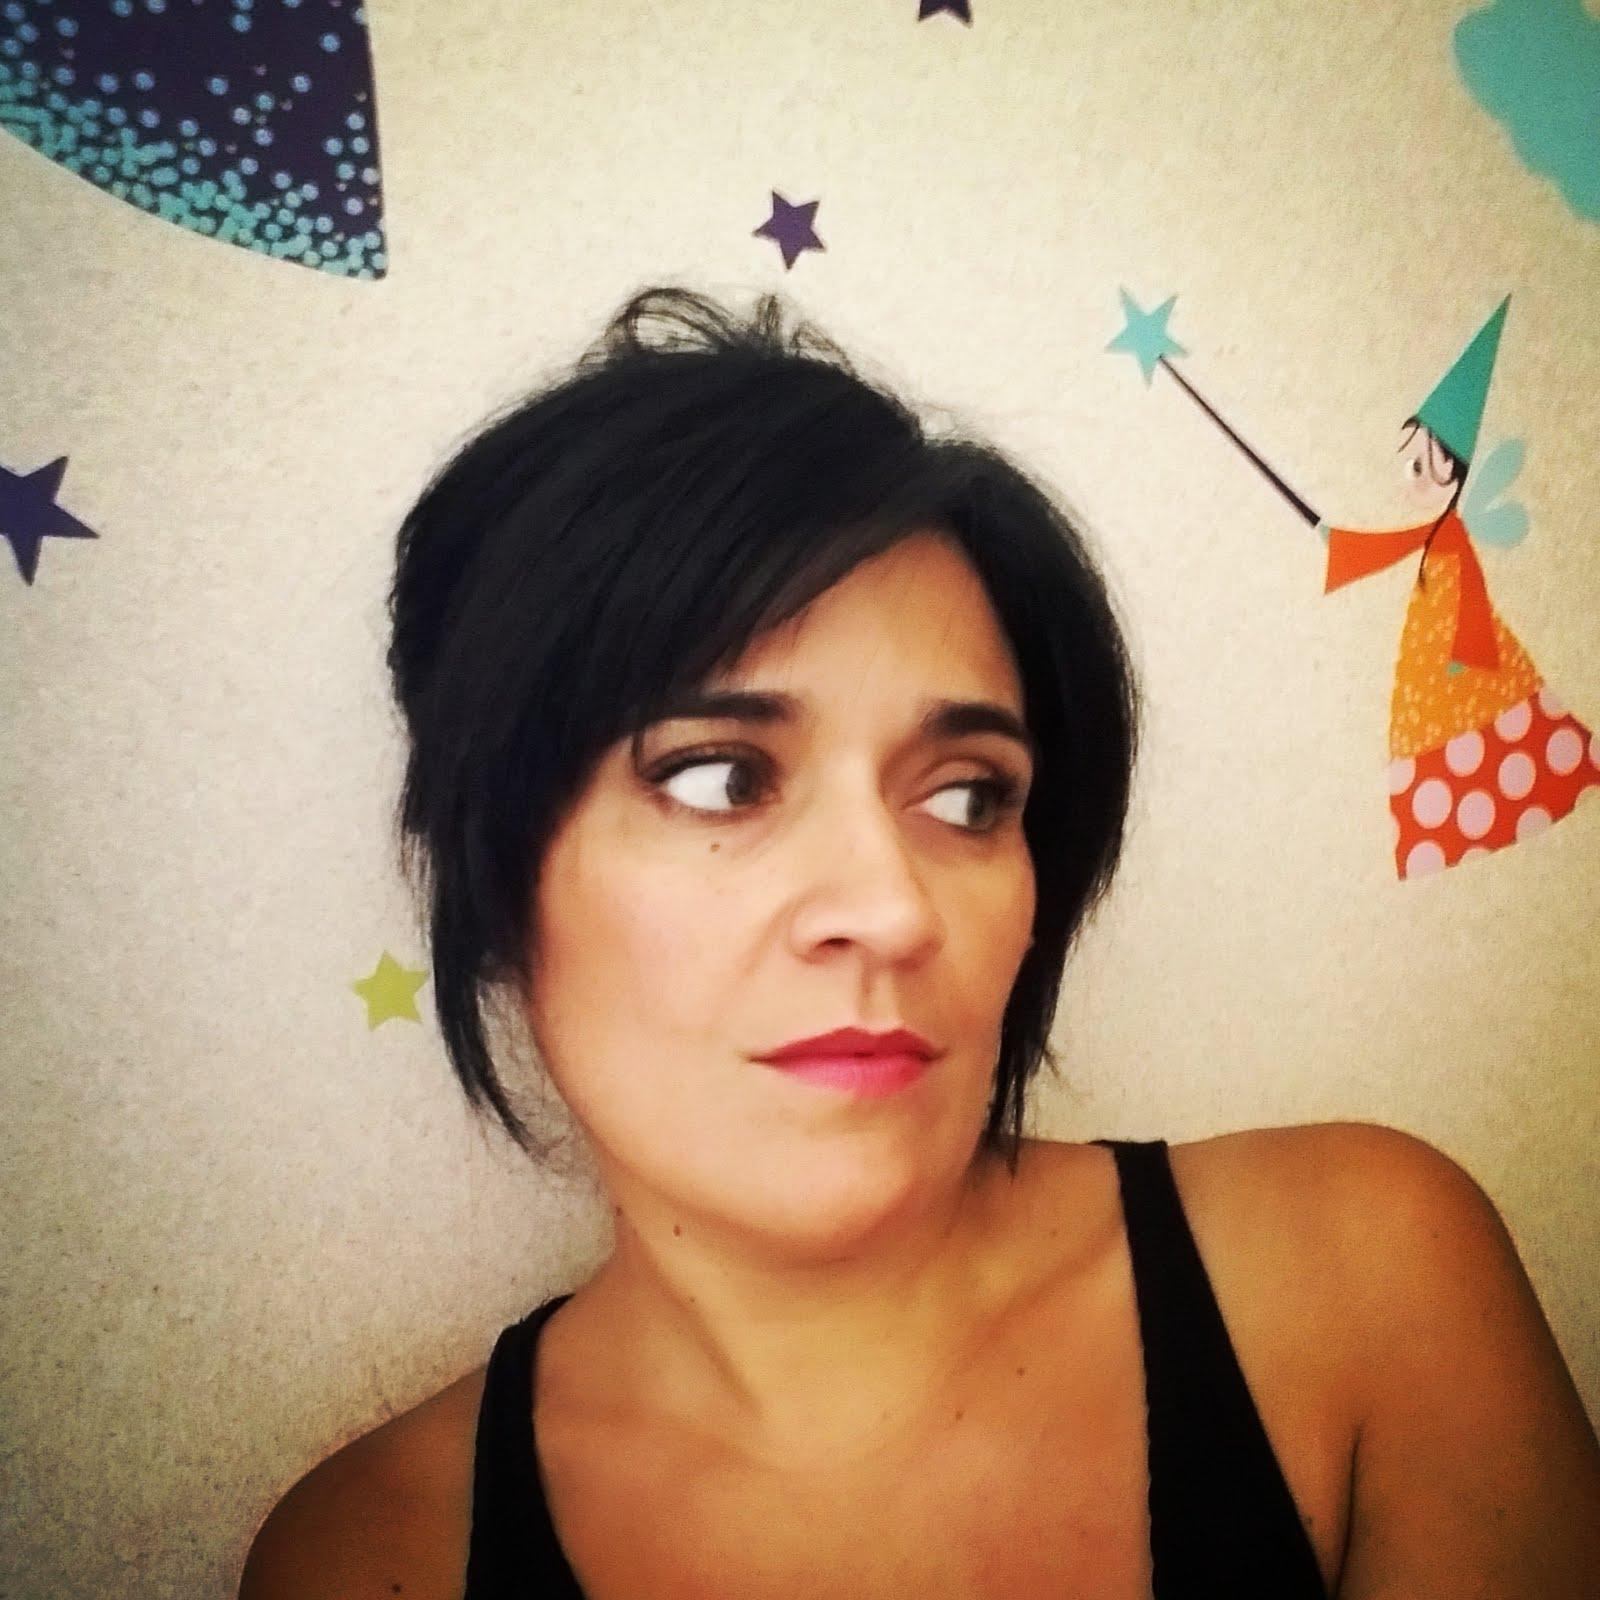 Me llamo Inés y soy maestra y aprendiz de cuentista.